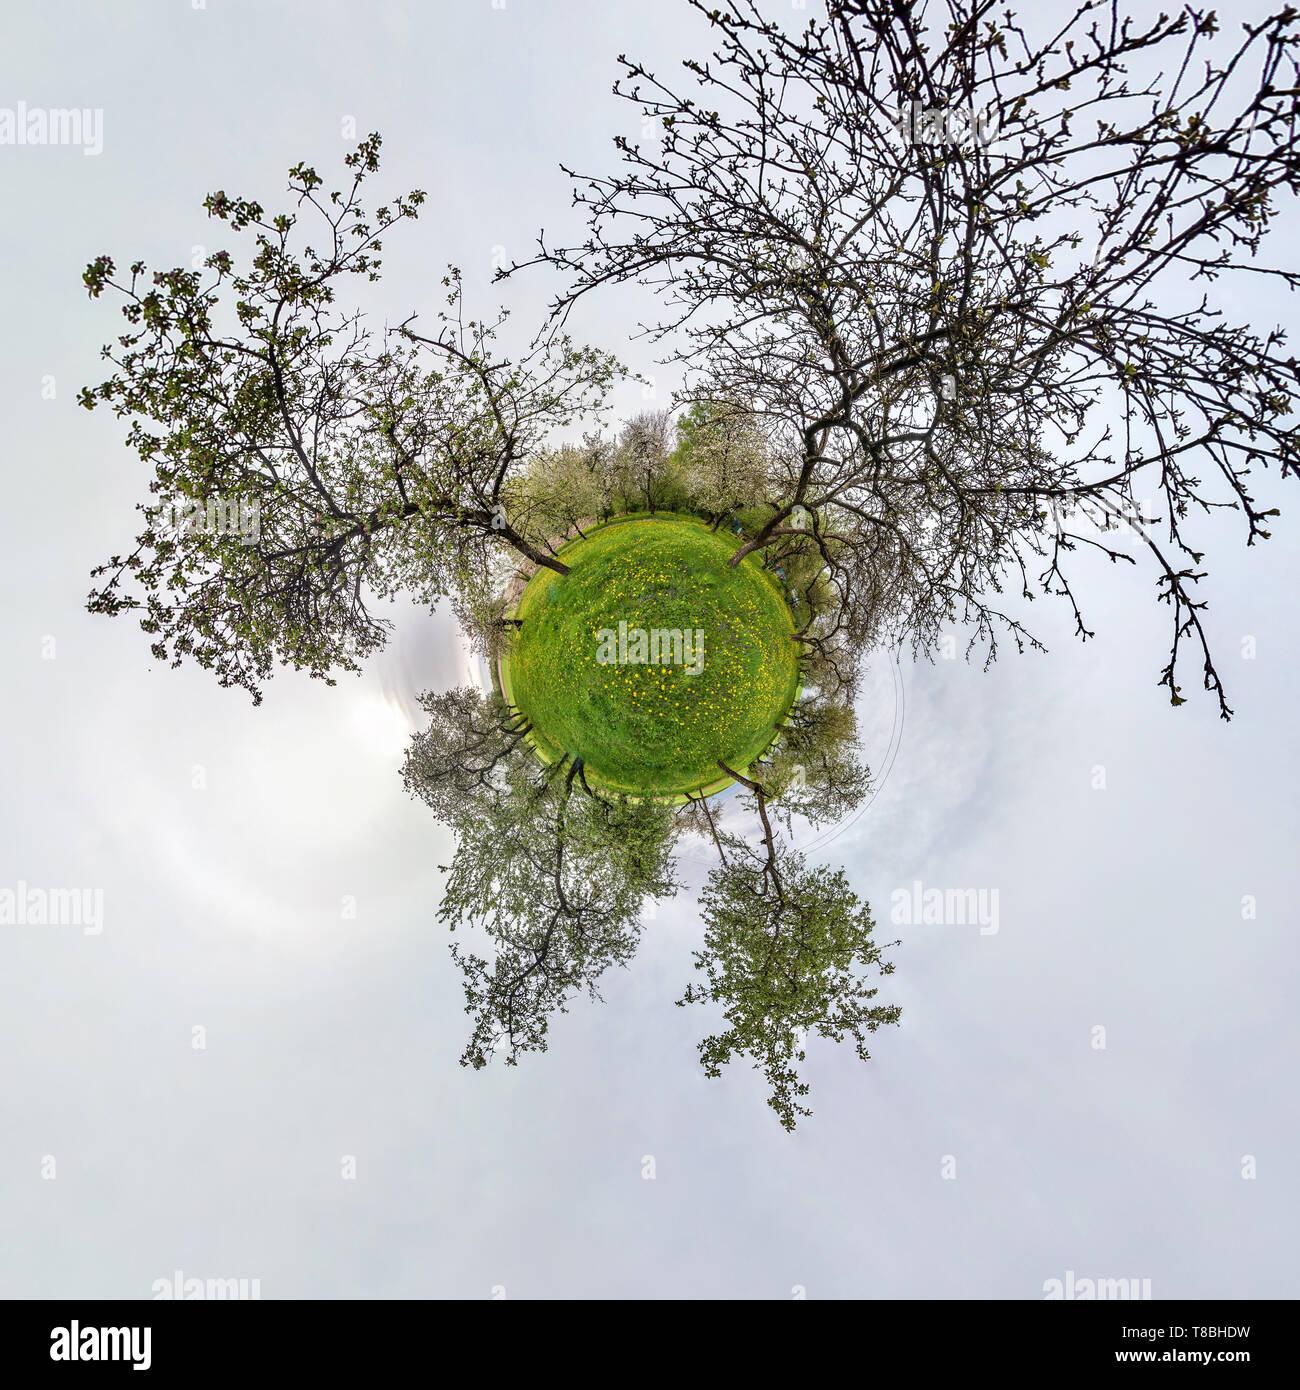 Piccolo pianeta sferiche di panorama a 360 gradi. Antenna sferica vista in apple in fiore giardino frutteto con il tarassaco. La curvatura dello spazio Immagini Stock